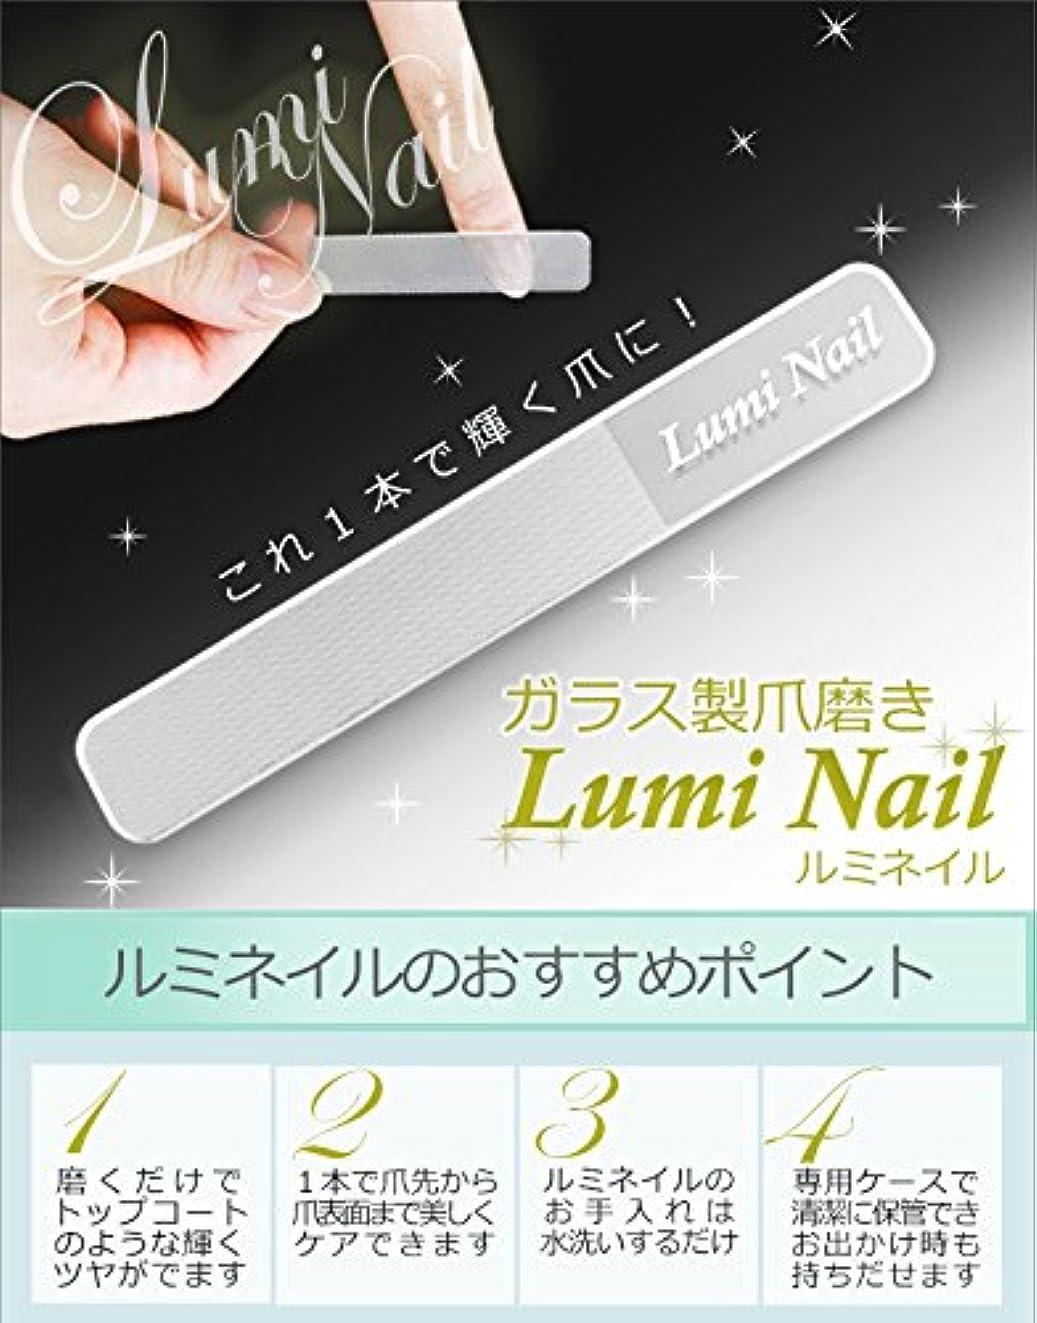 ステージカード枕ガラス製爪磨き Lumi Nail(ルミネイル) 爪やすり ネイルケア つめみがき 簡単